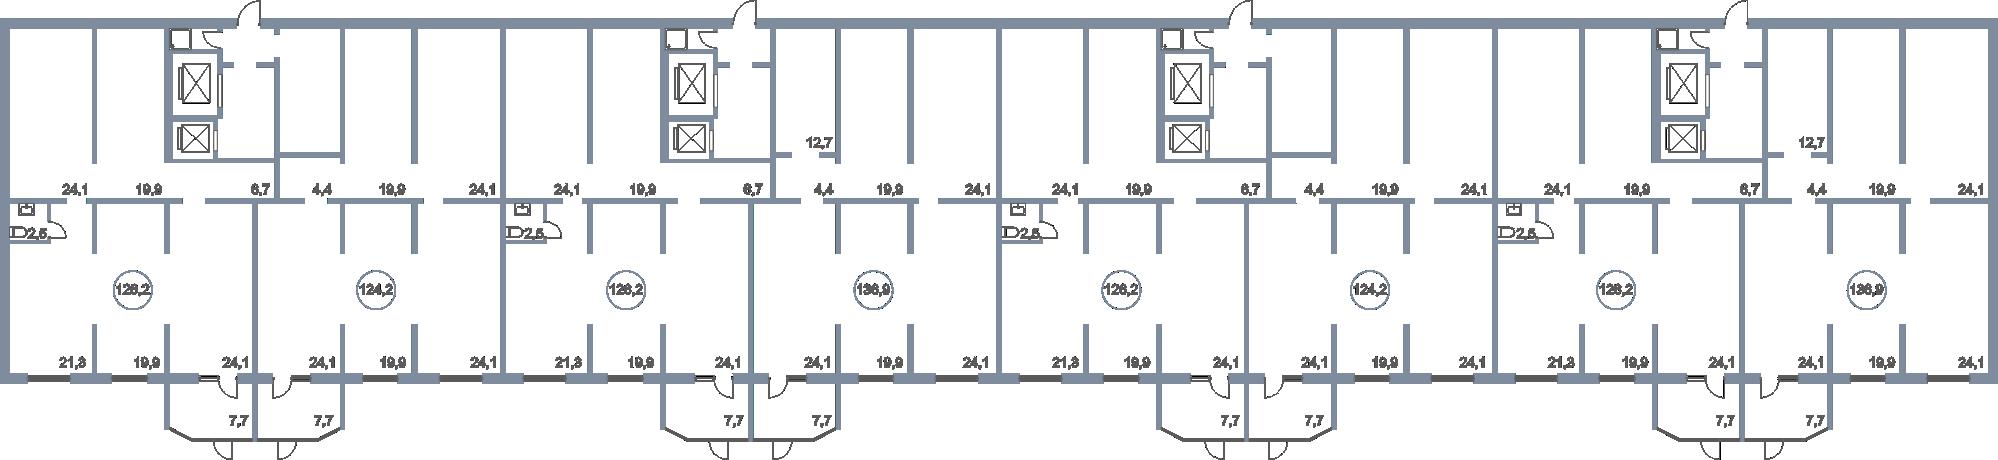 Коммерция Первый Зеленоградский Парковый бульвар 2 корп.4 этаж -1